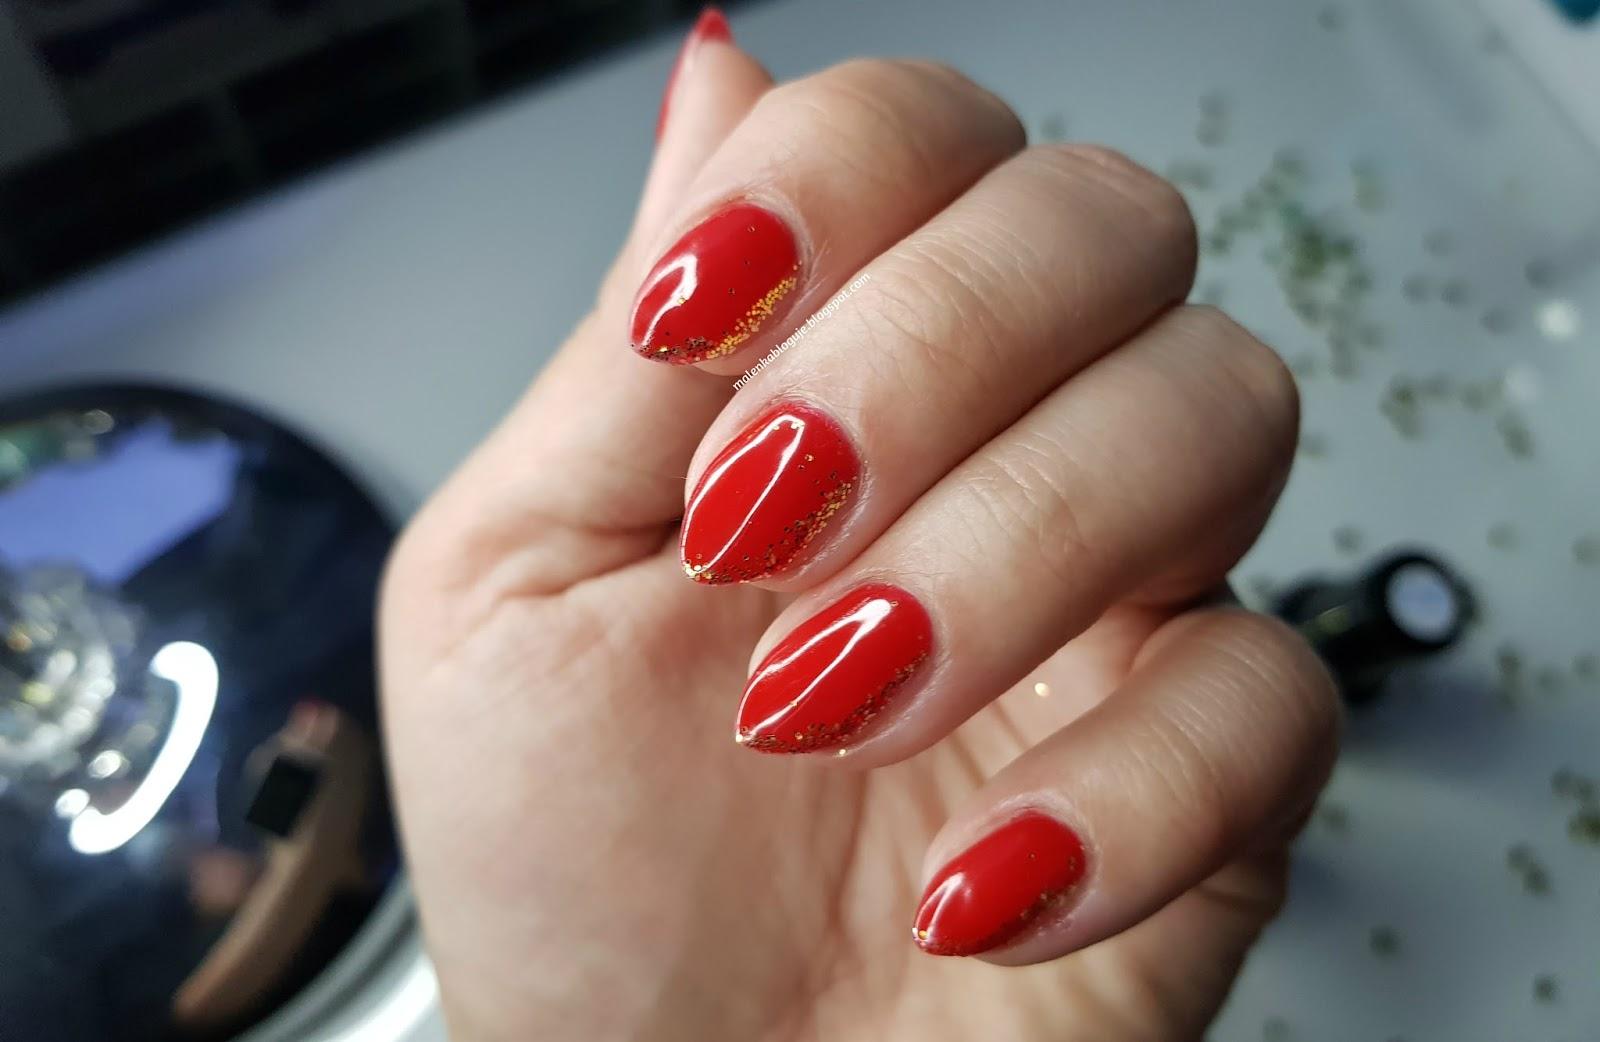 Malenka Bloguje Swiateczny Manicure Neess Czerwony I